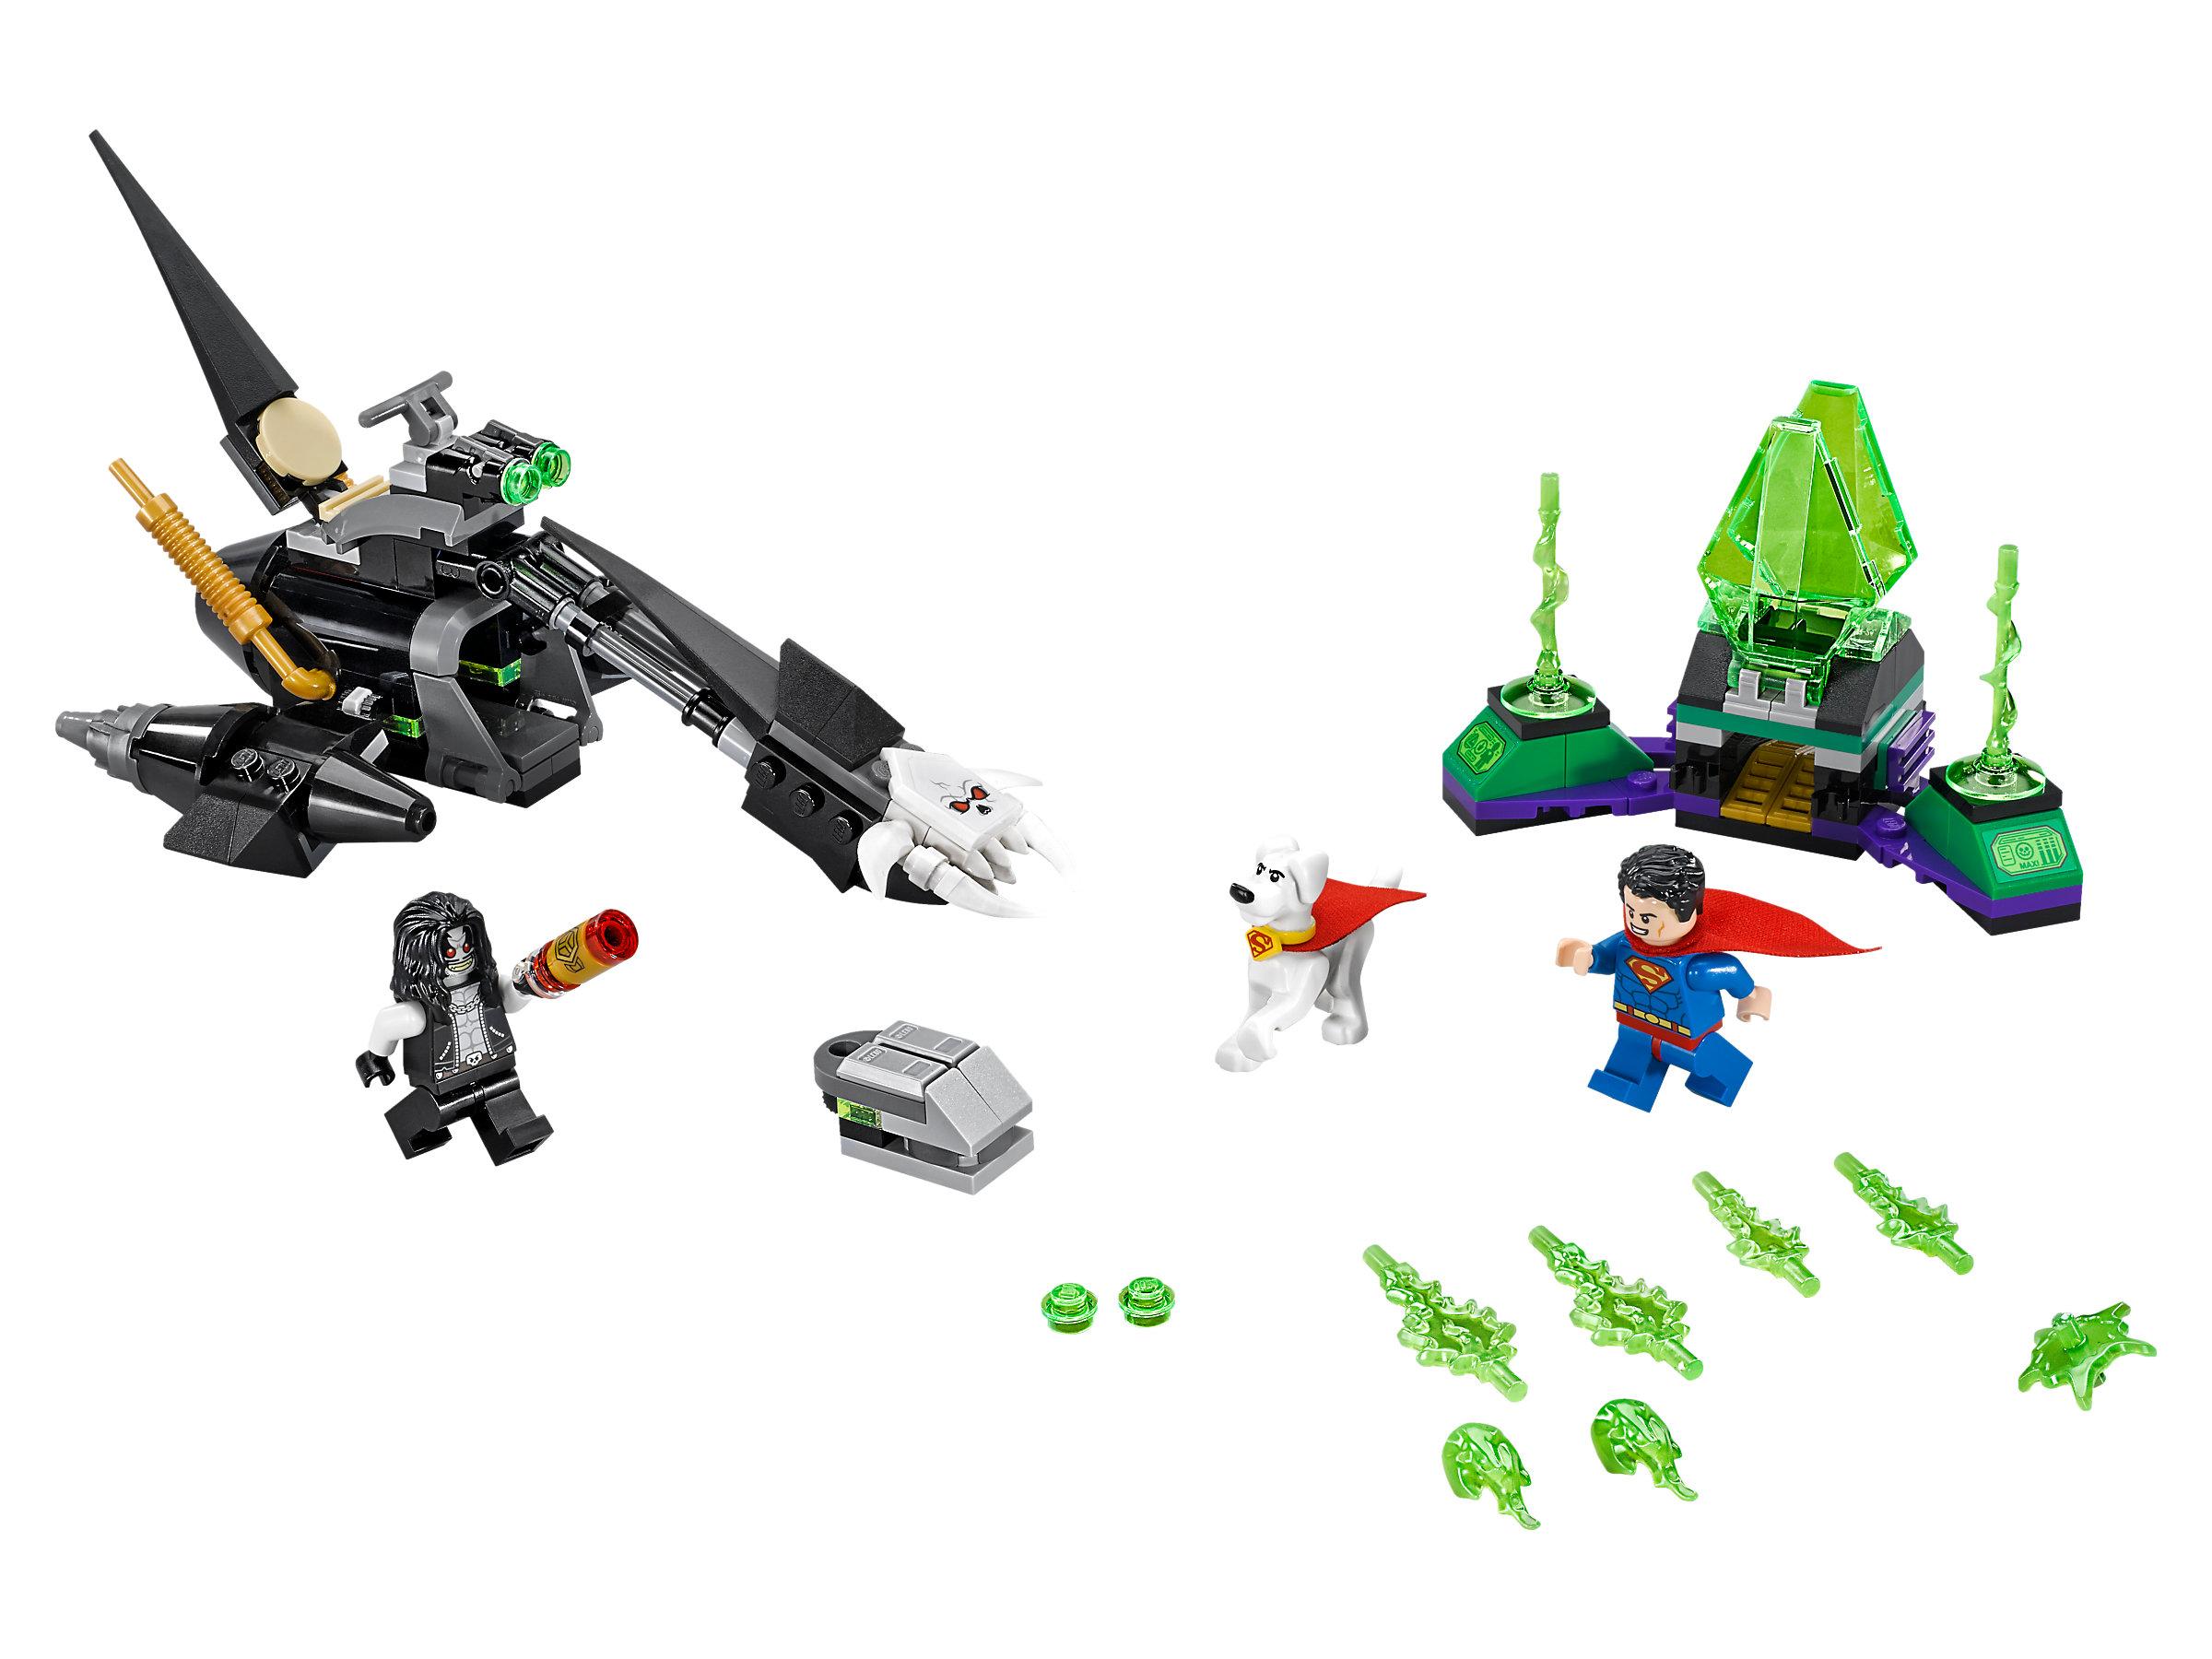 4597 Technik Rahmen Lochbalken 6x6 weiß Q # Lego 2 Stück